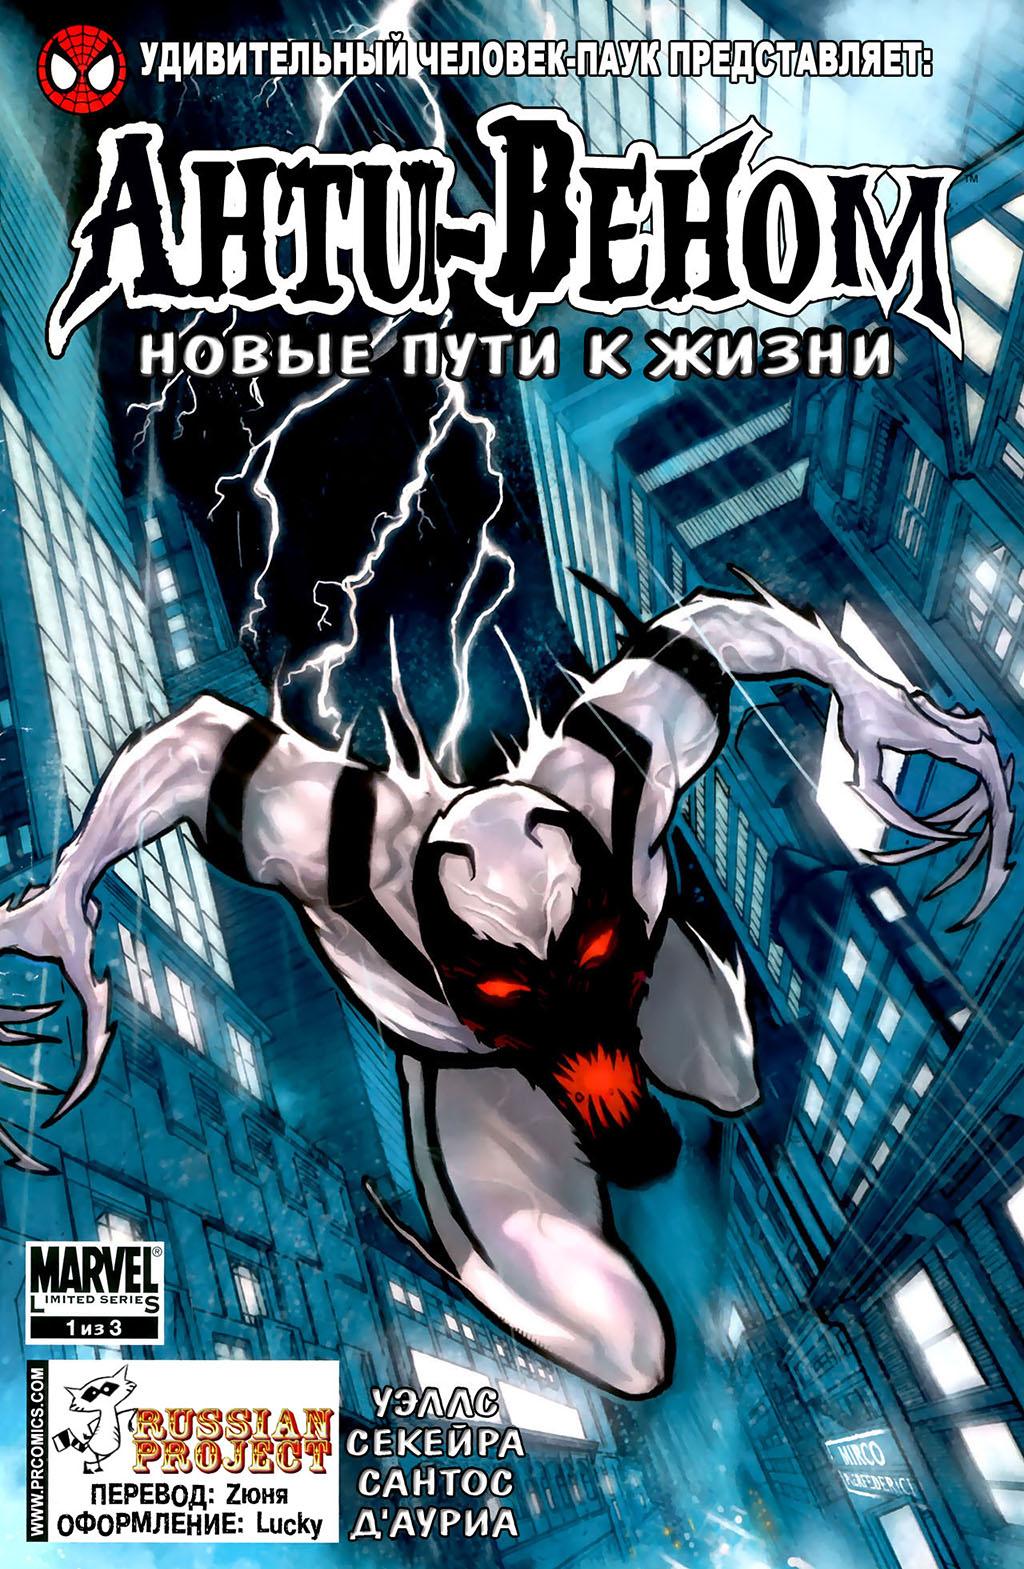 Комикс Удивительный Человек-Паук Представляет: Американский Сын